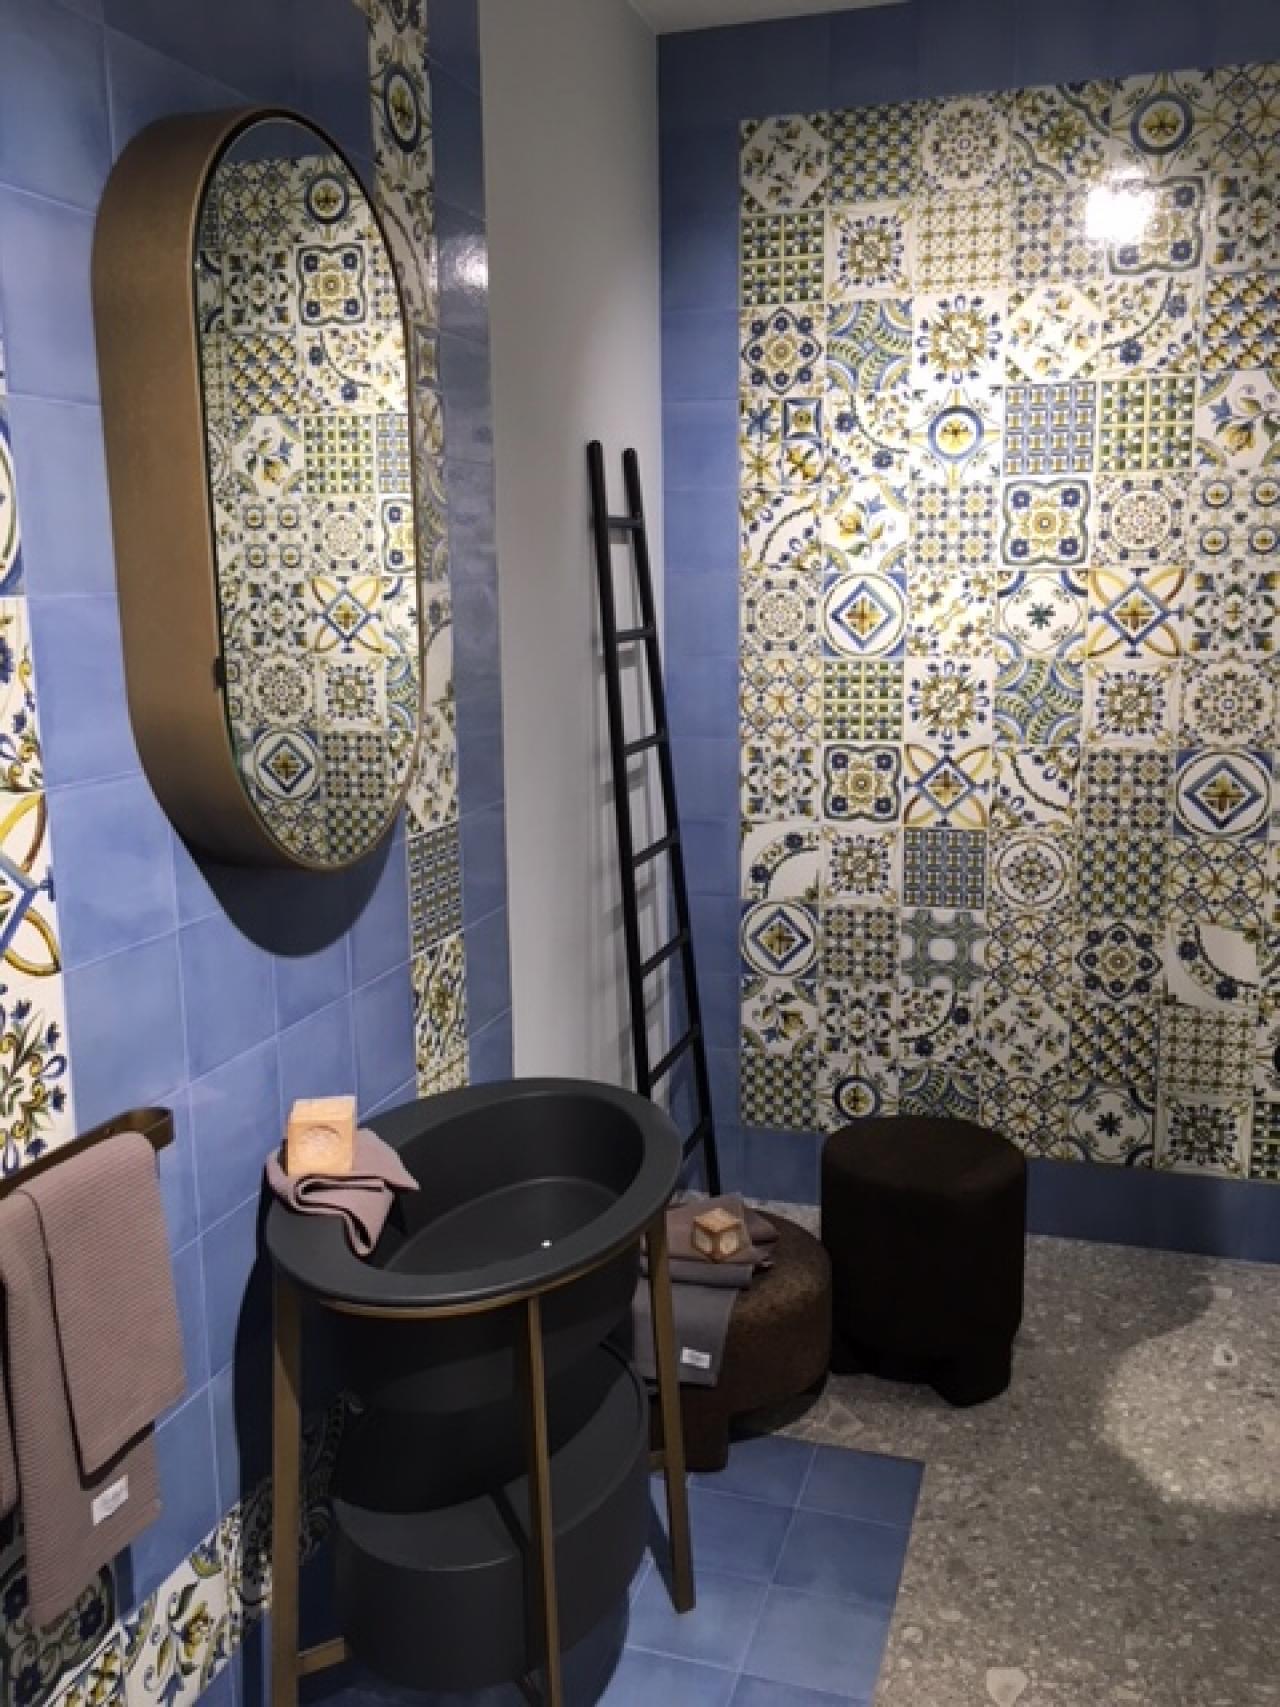 Le cementine piastrelle decorate in gres porcellanato fratelli pellizzari - Piastrelle decorate per pavimenti ...